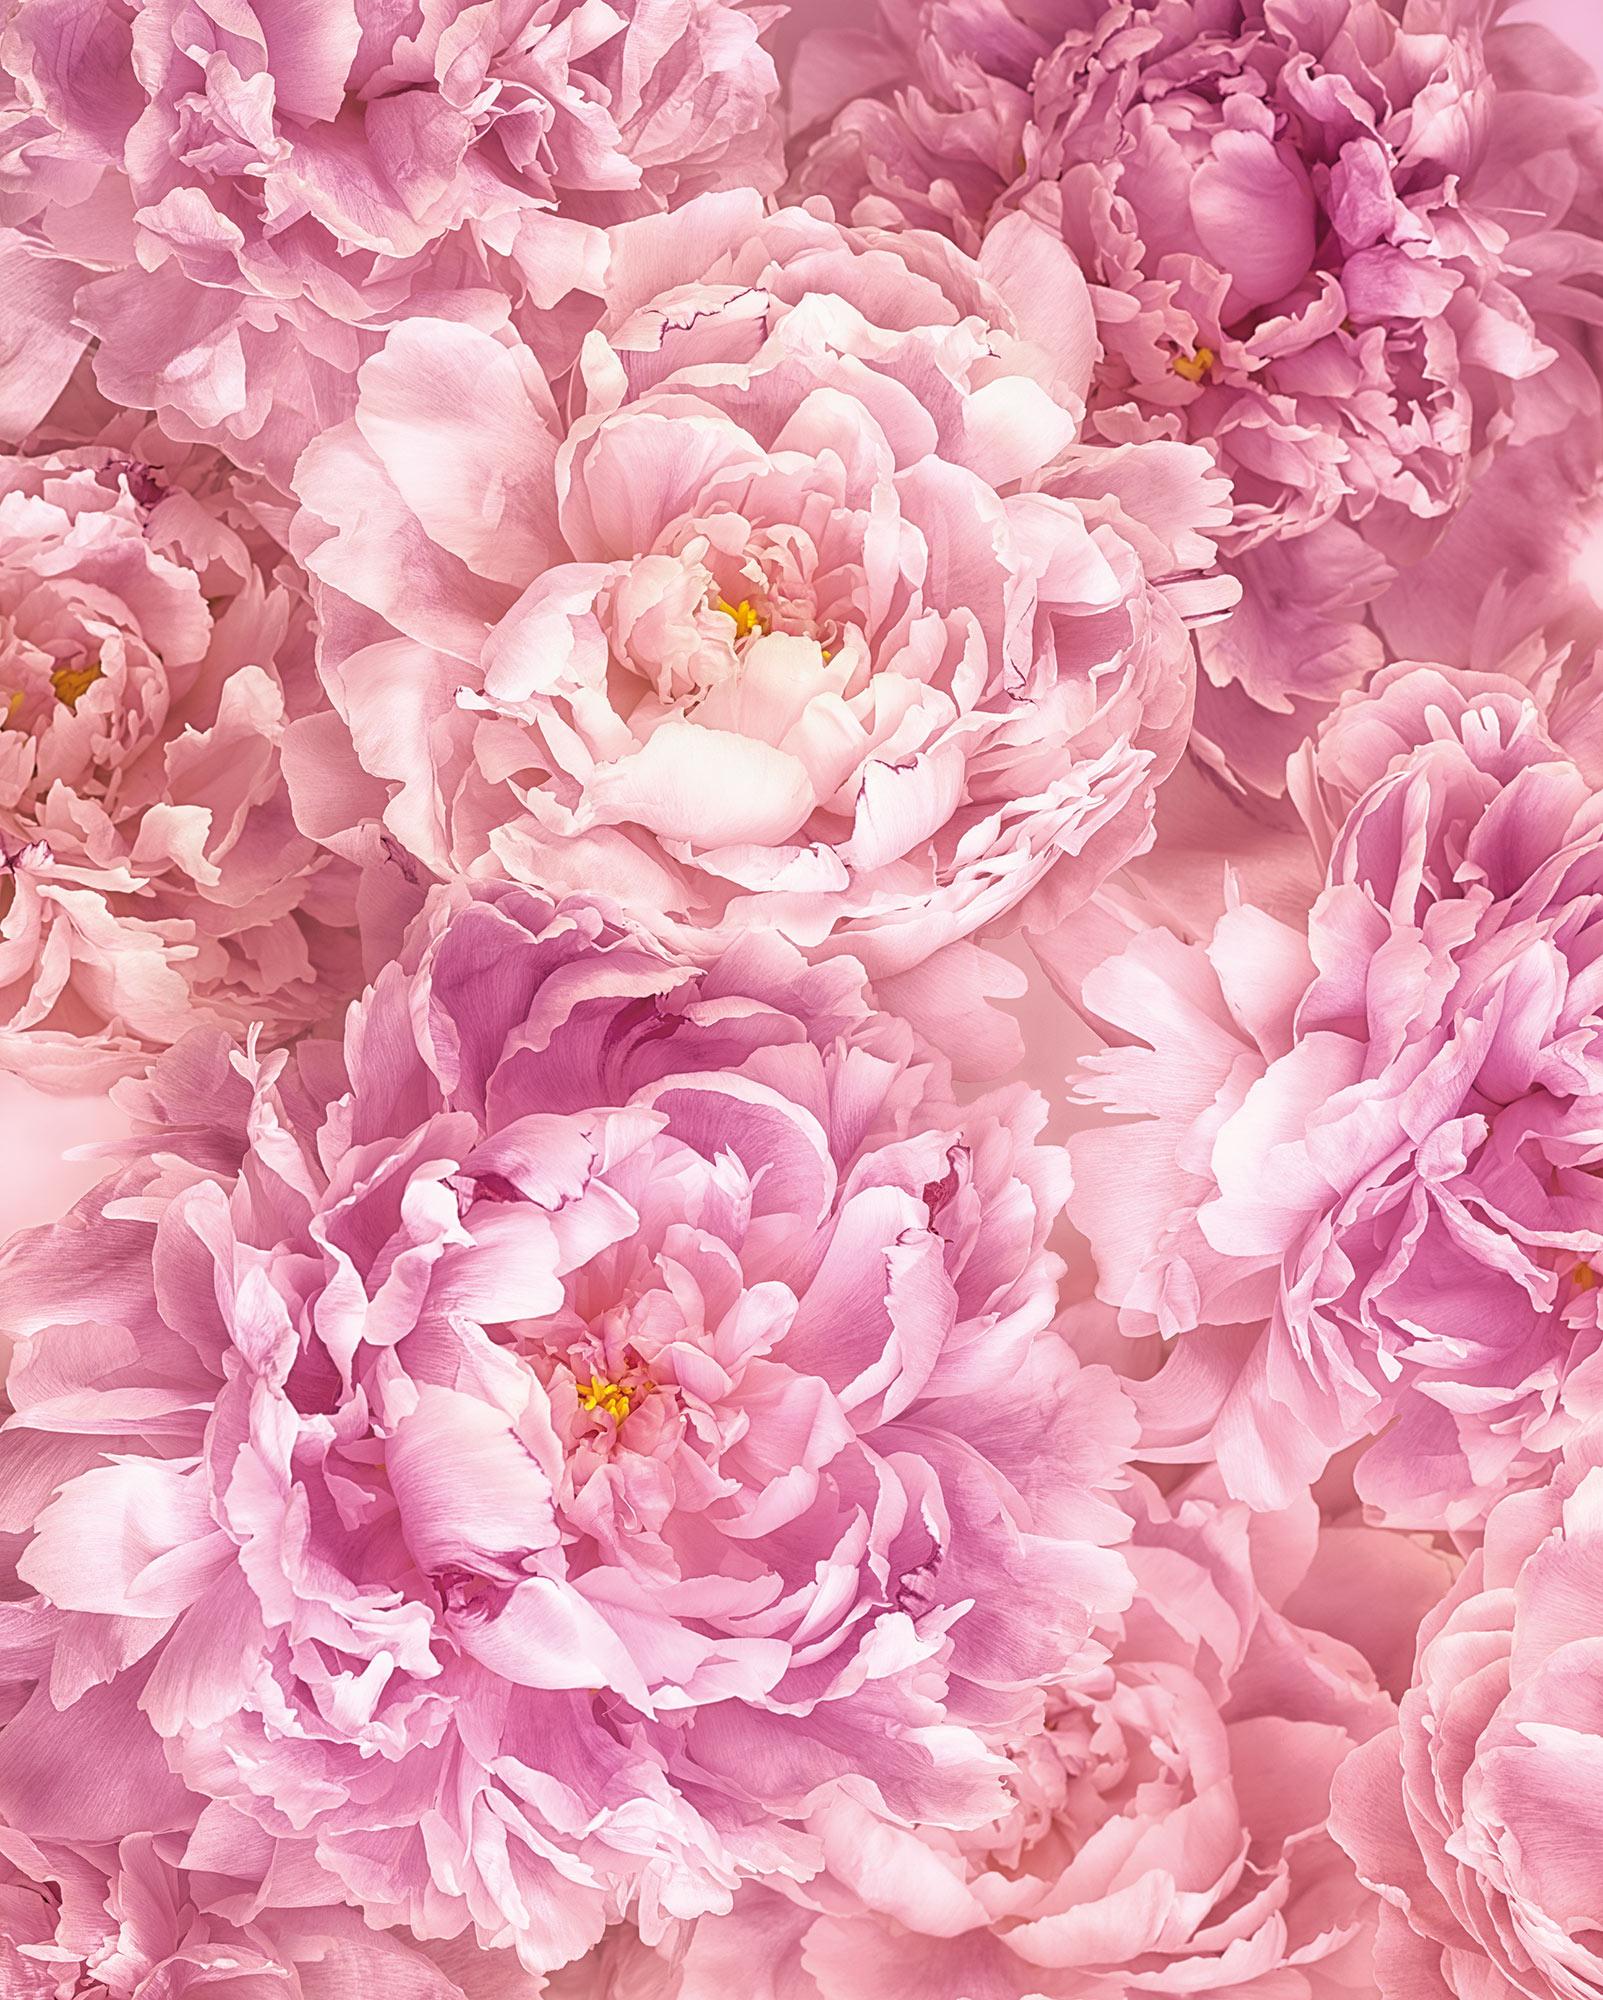 Papier peint panoramique fleurs Soave - Papier peint Komar